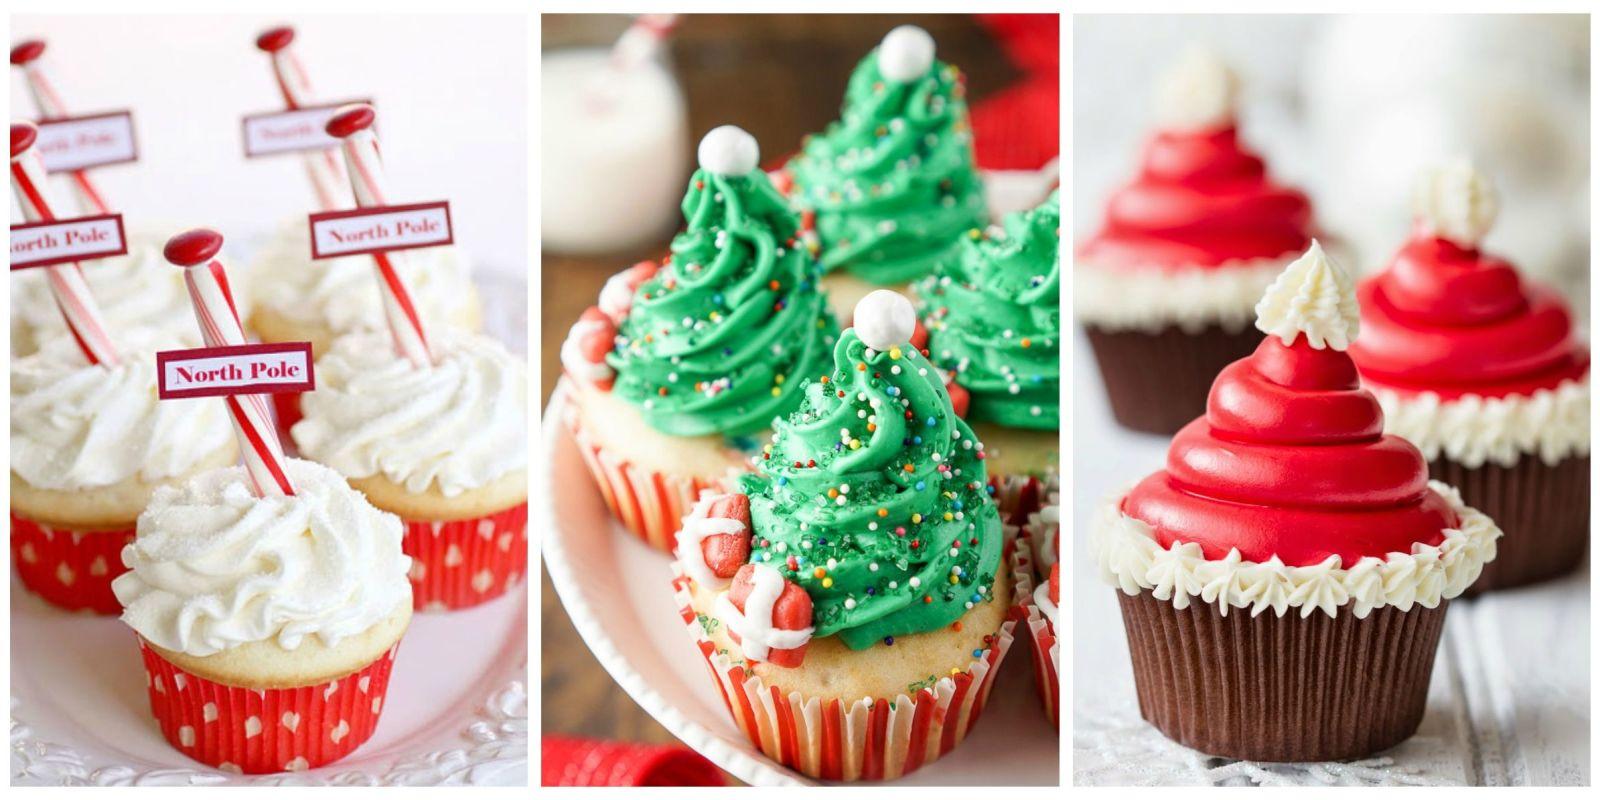 Christmas Cupcake Decoration : 19 Christmas Cupcakes - Cupcake Decorating Ideas